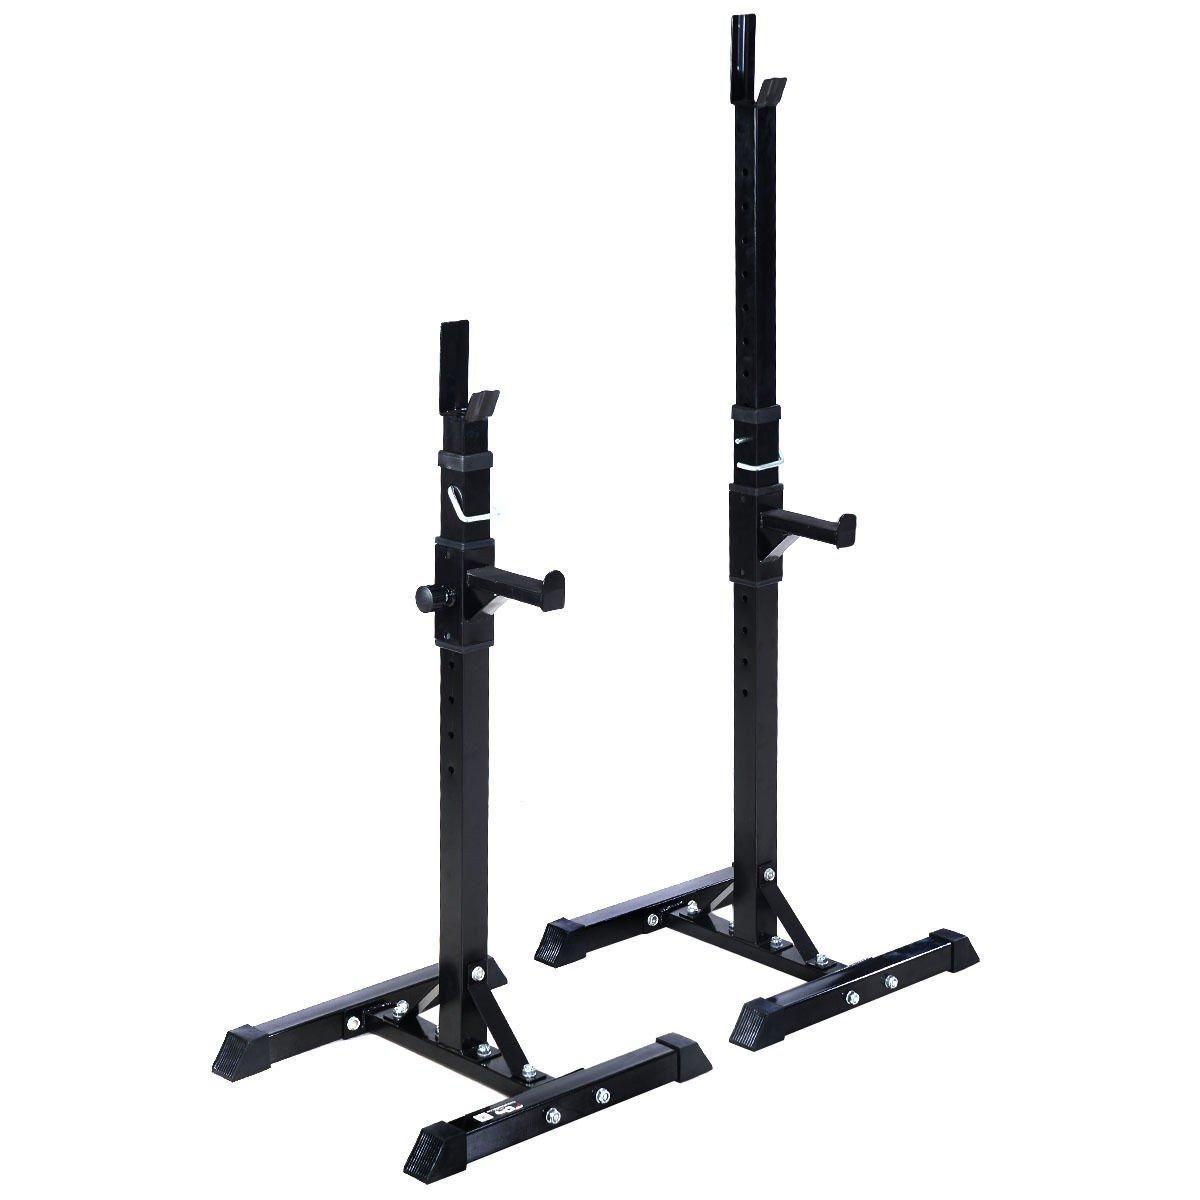 MyEasyShopping Pair of Adjustable Standard Solid Steel Barbell Rack Barbell Steel Rack Pair Standard Solid Adjustable Squat Bench Stands Gym by MyEasyShopping